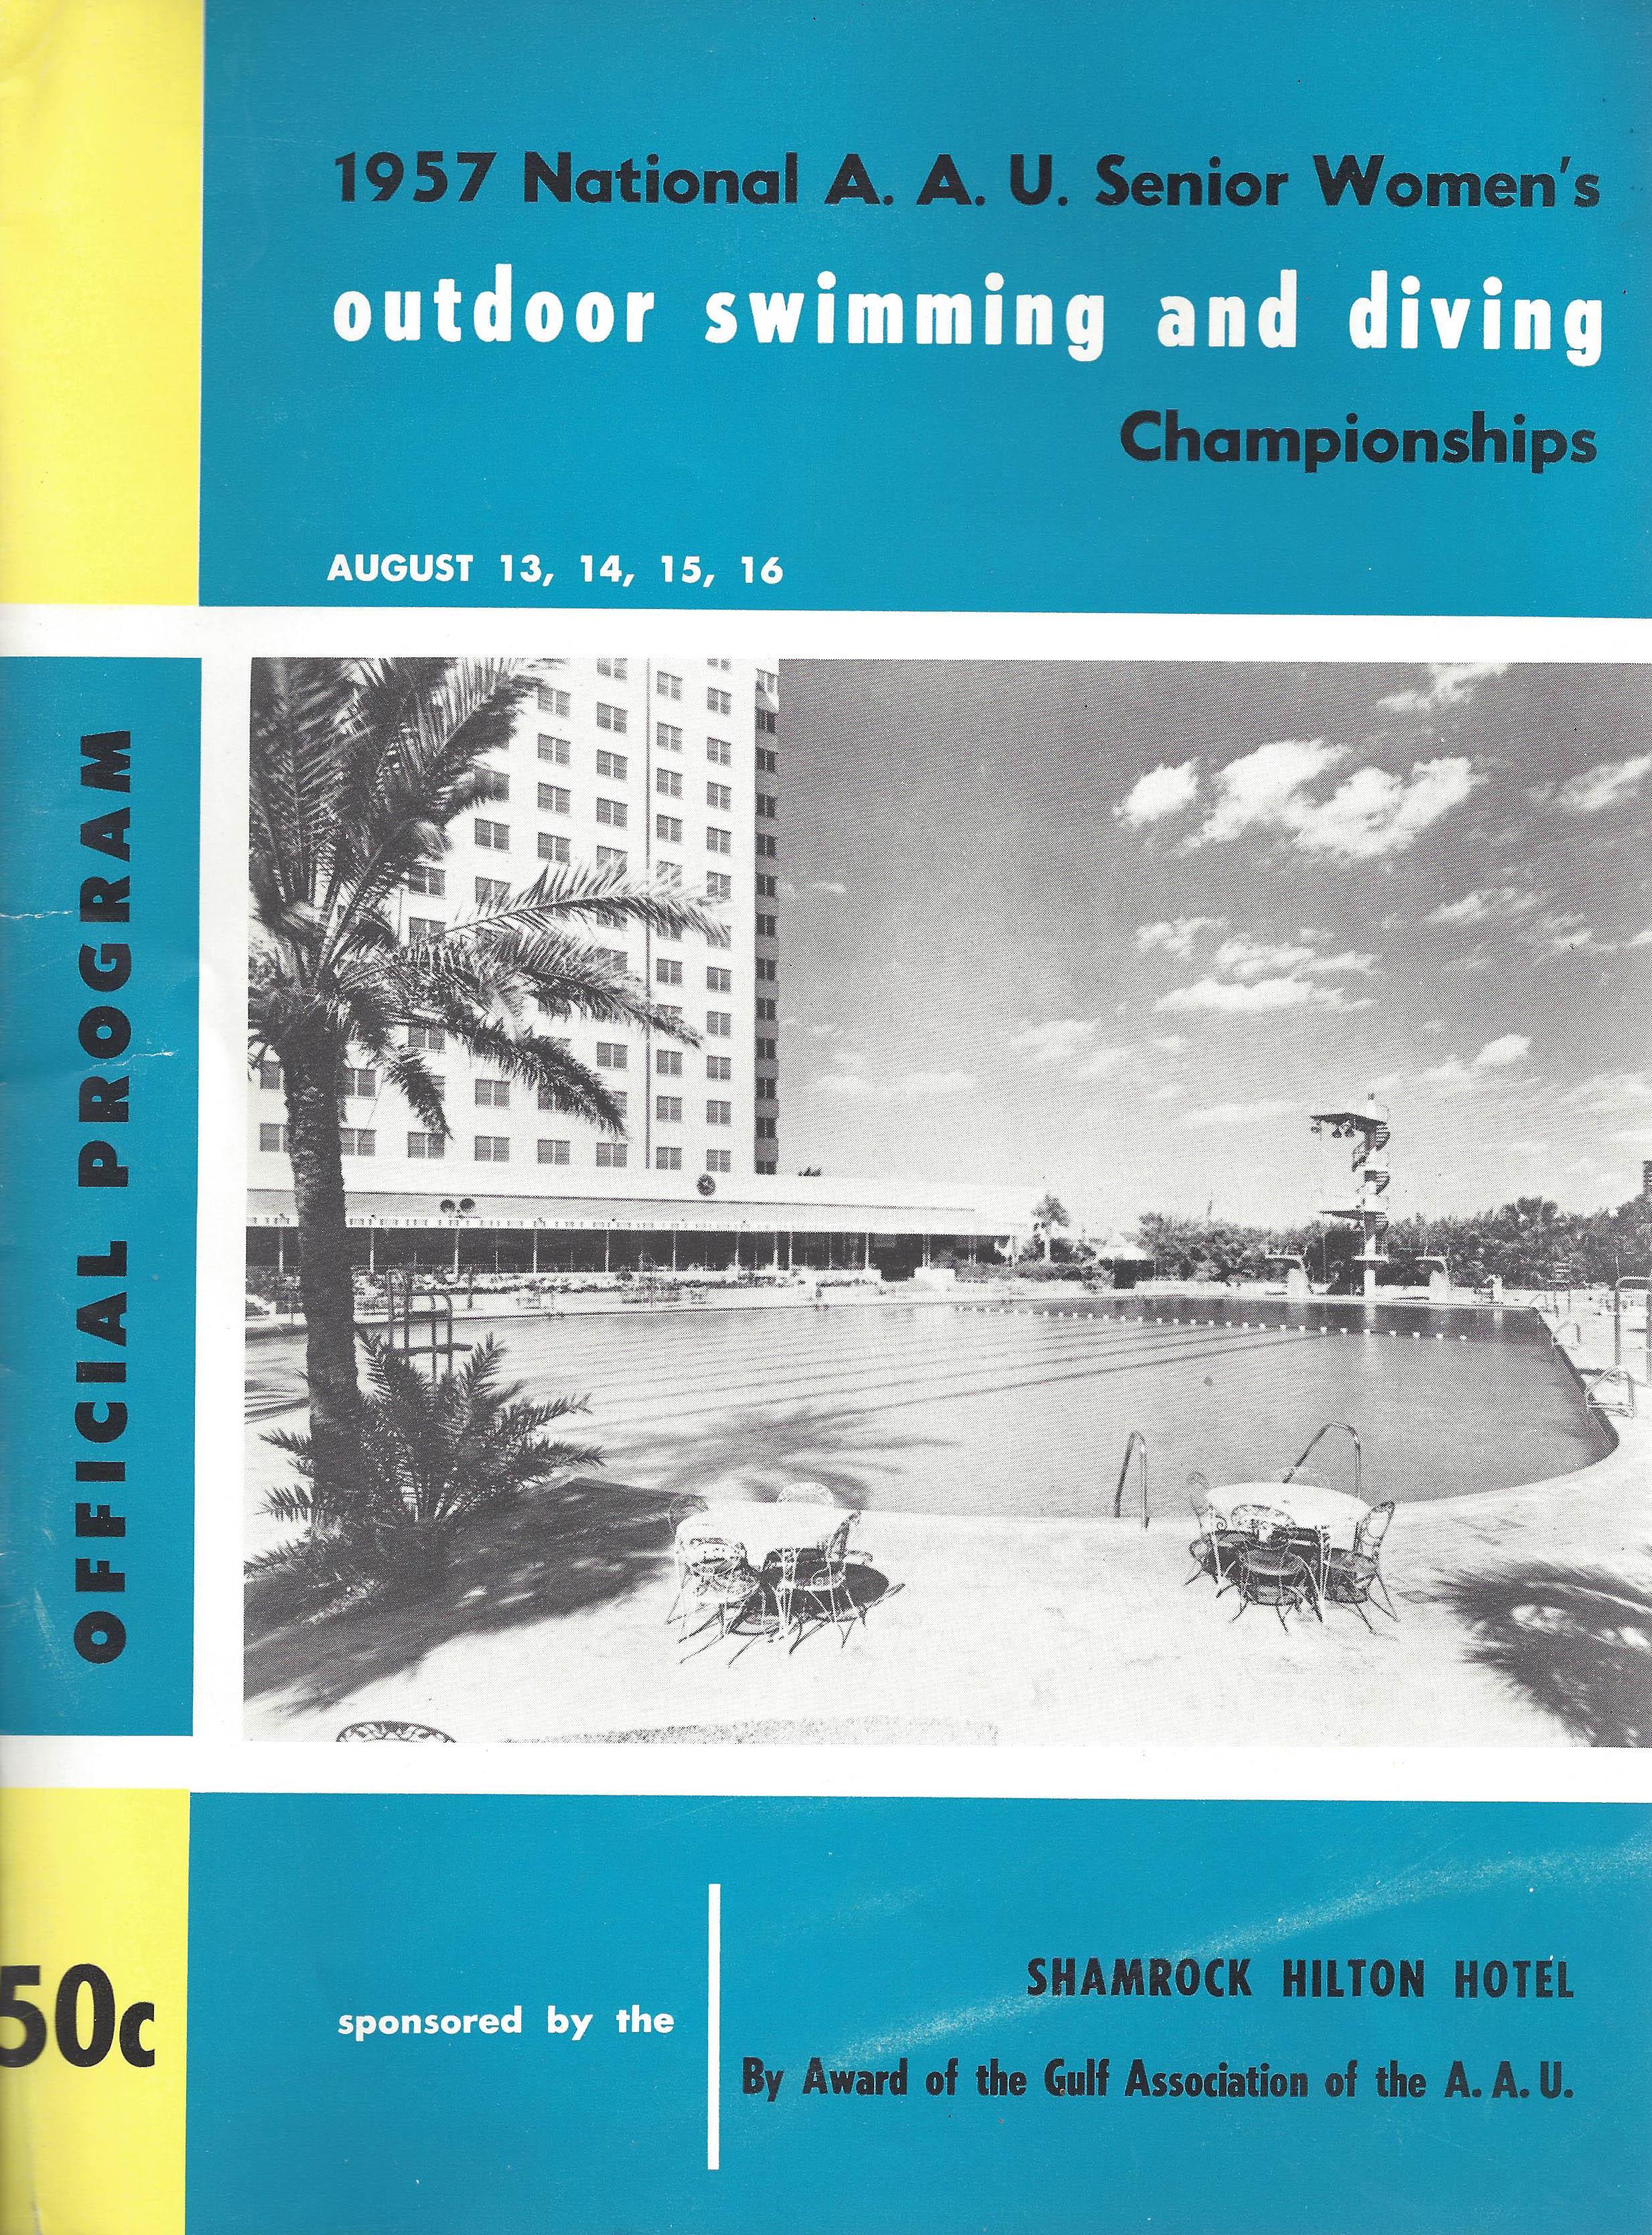 1957 Nat AAU Women's Outdoor Swim-Dive Champ-1.jpg